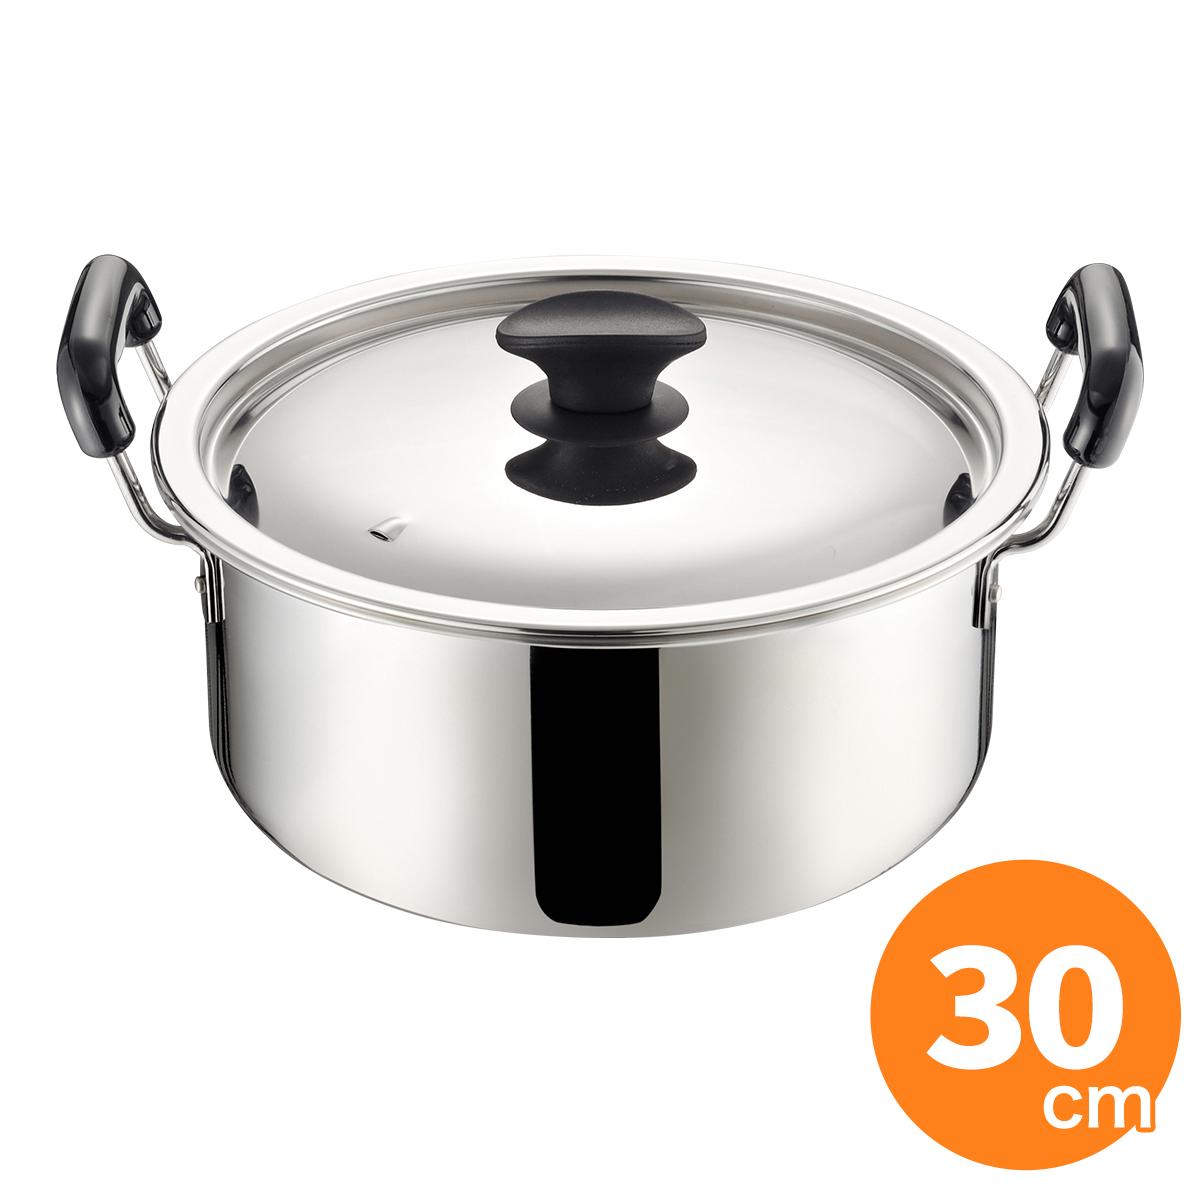 ステンレス製両手鍋 MTN PCEプロ&煮込み鍋 30cm IH対応 煮込鍋